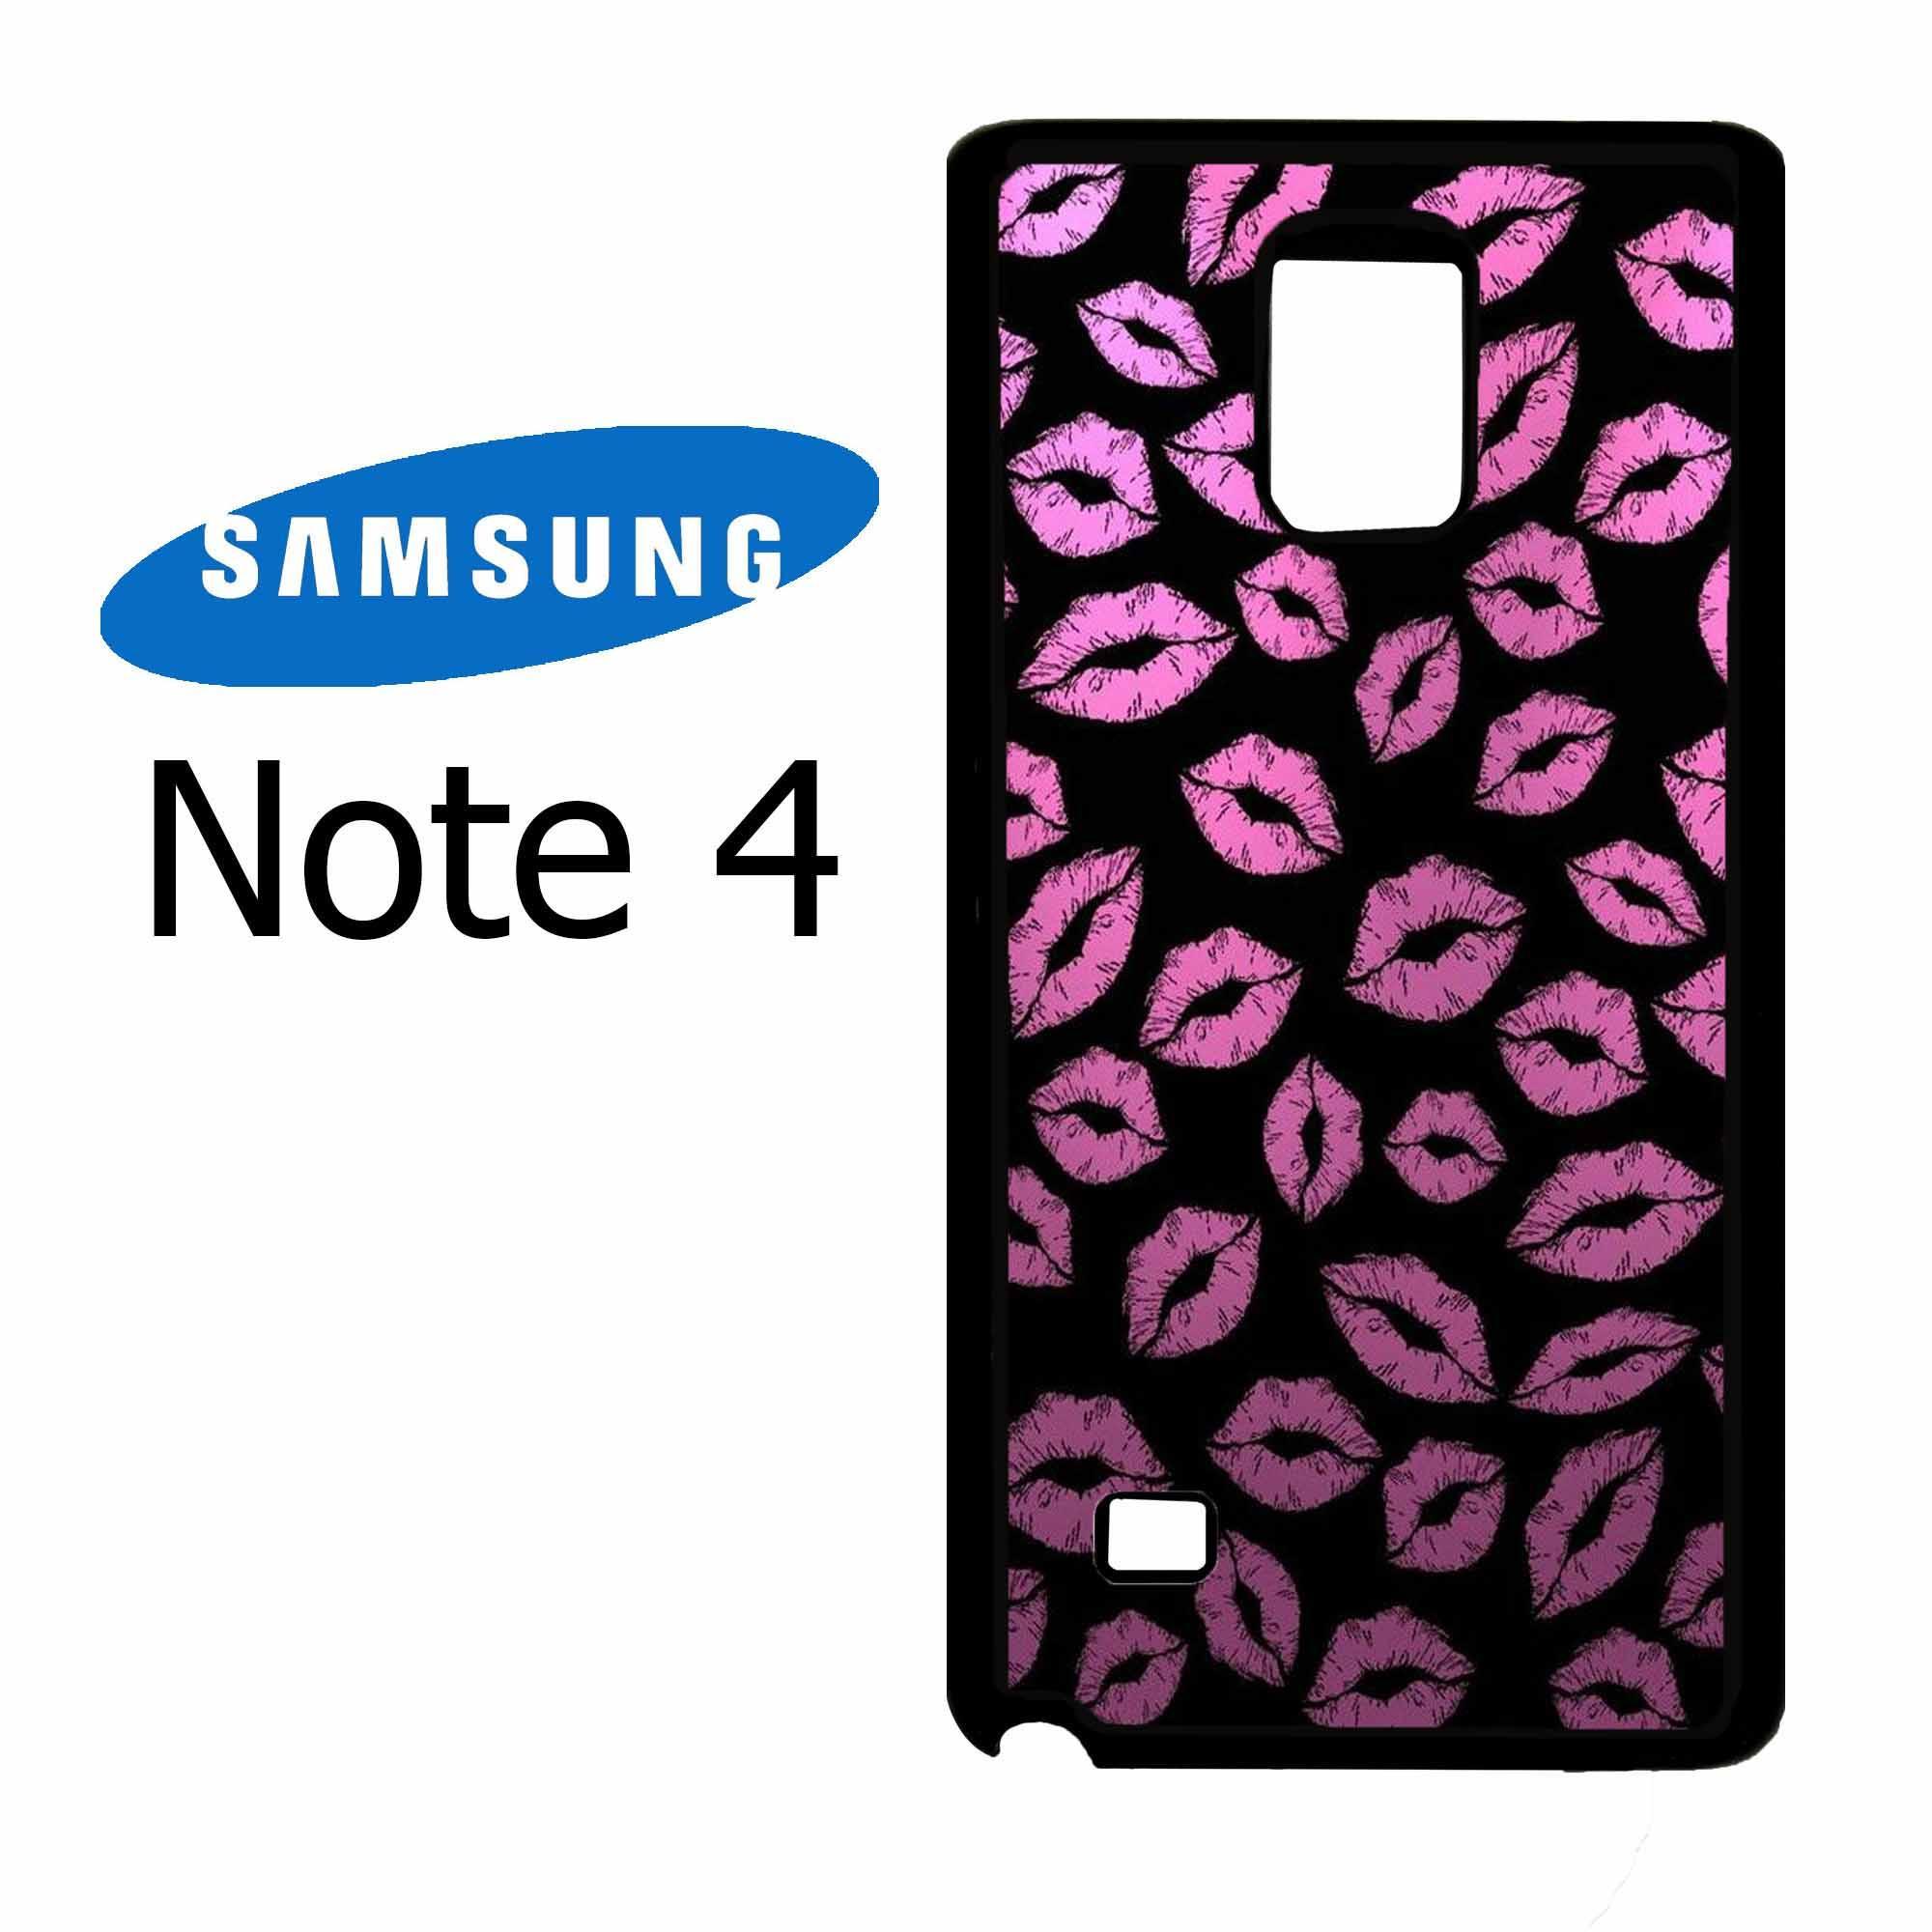 Rajamurah fasion printing case Samsung Note4 - 29